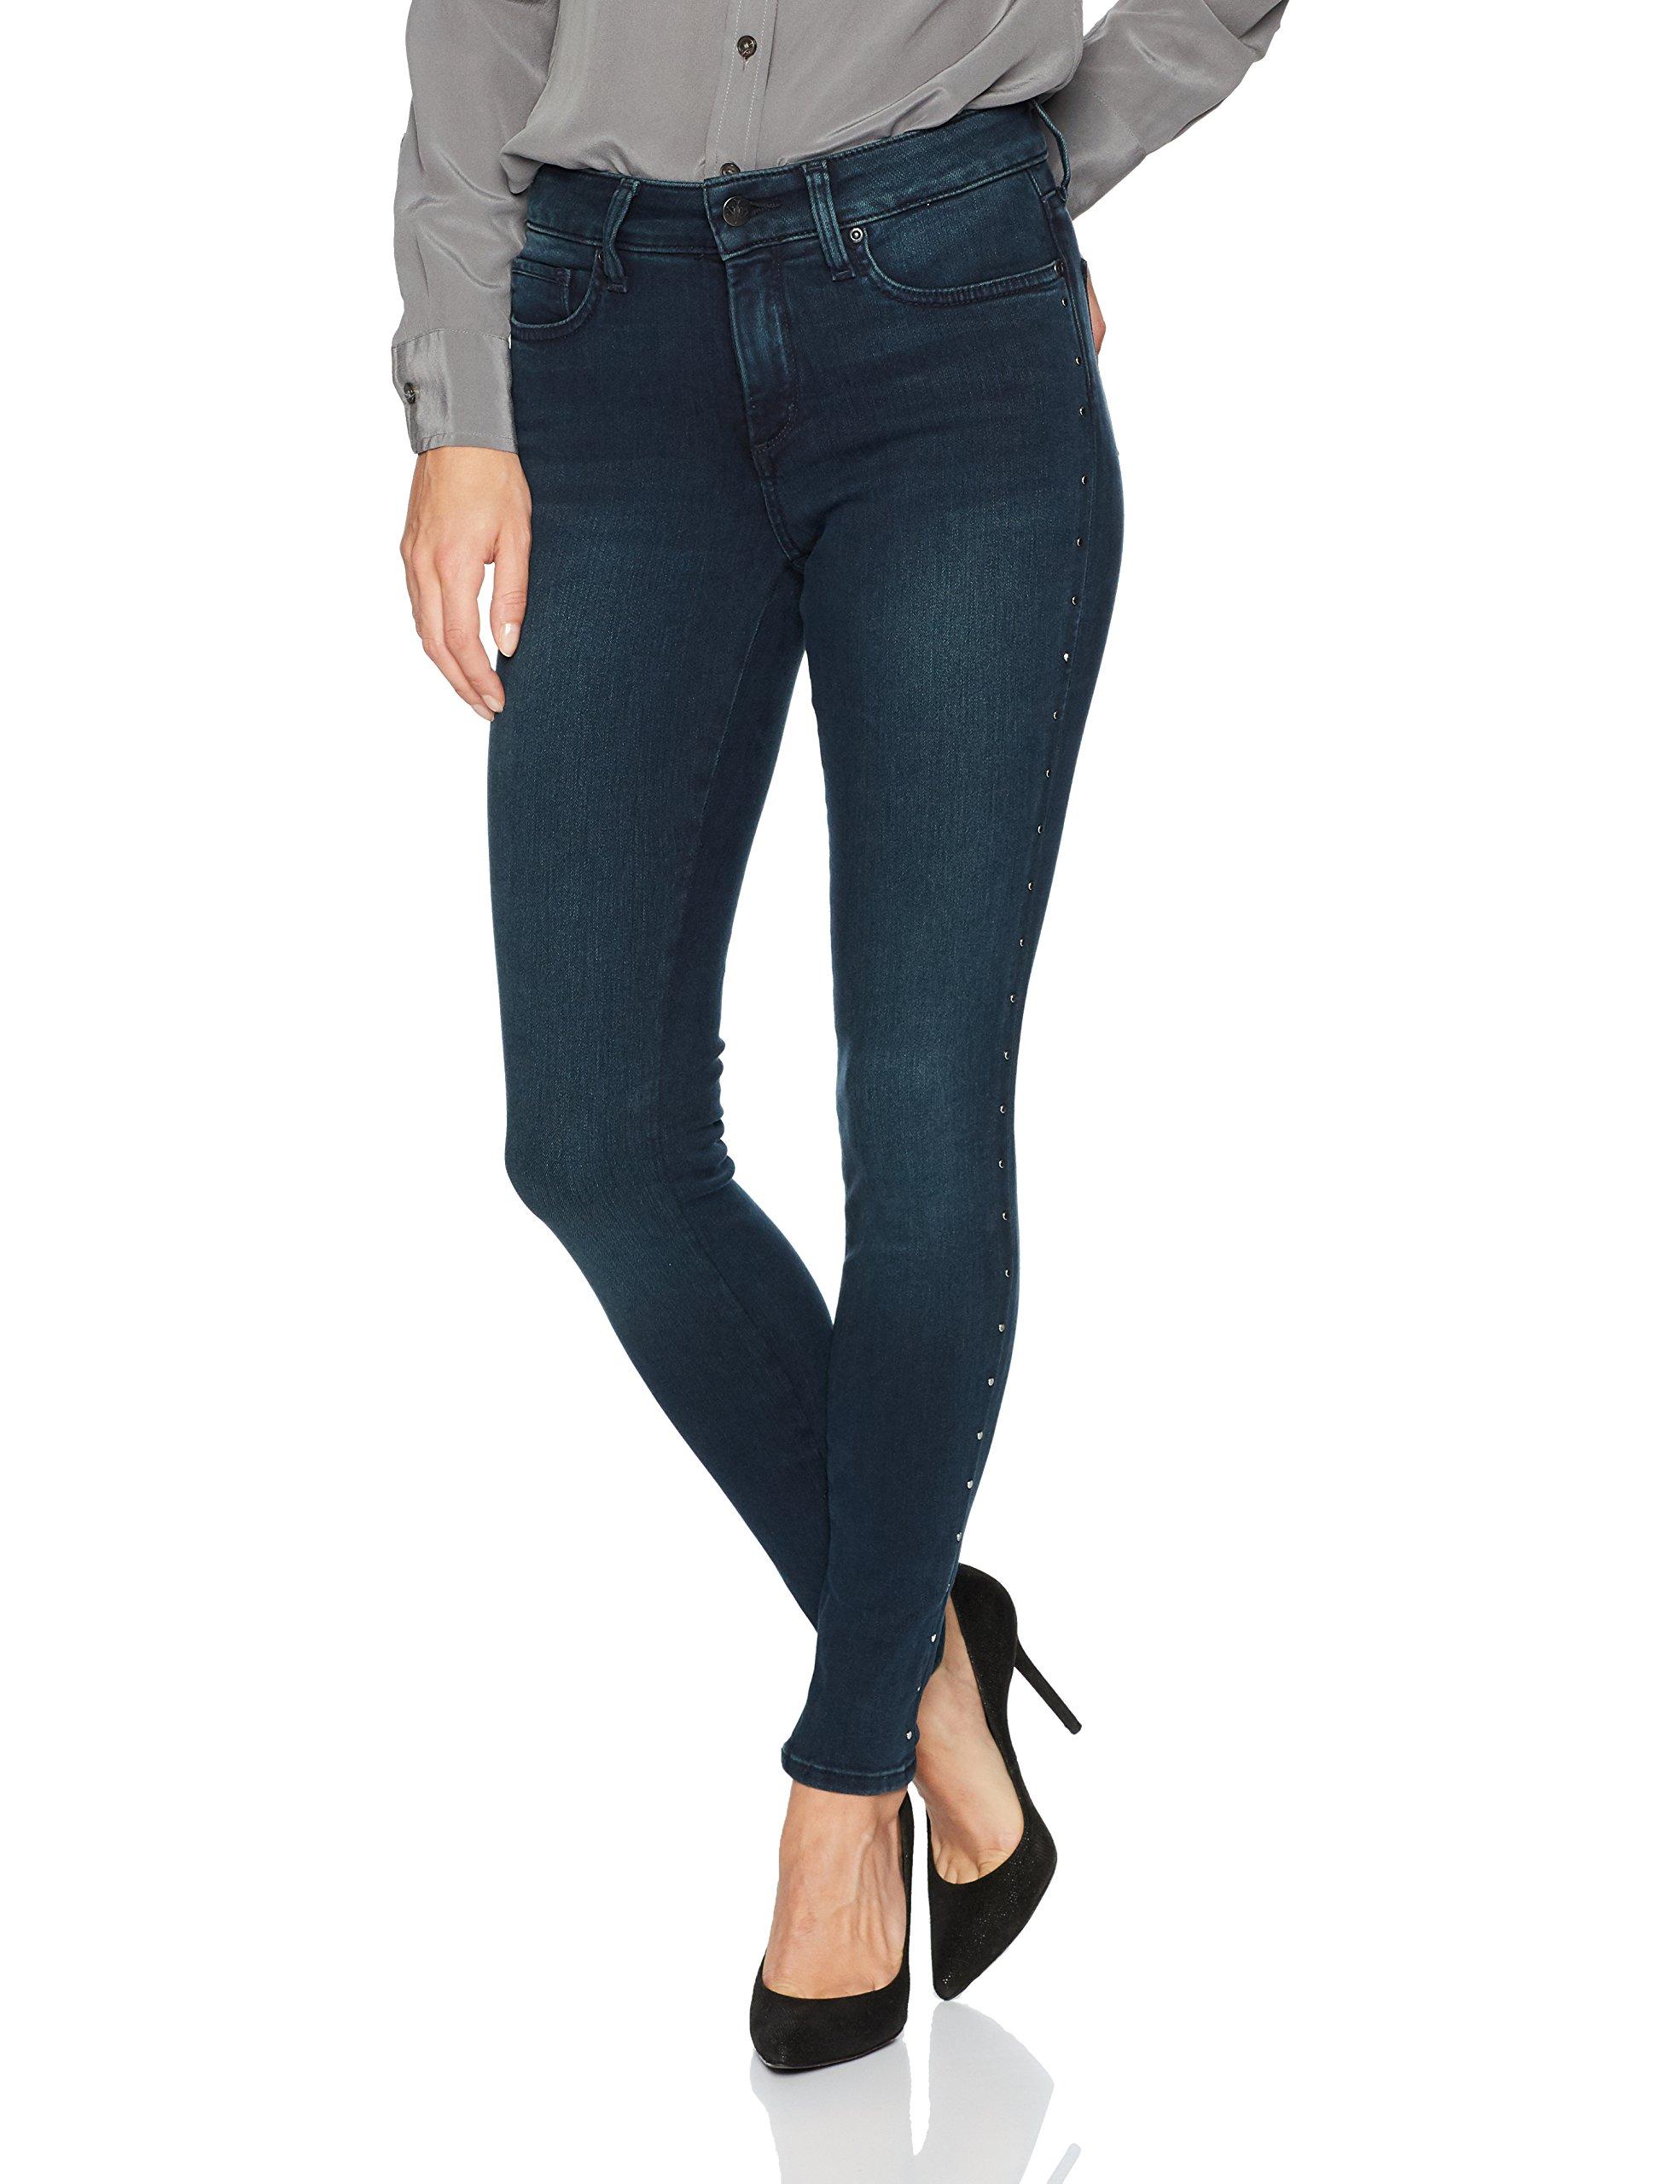 NYDJ Women's Ami Super Skinny Jeans In Future Fit Denim, Mason, 6 by NYDJ (Image #1)